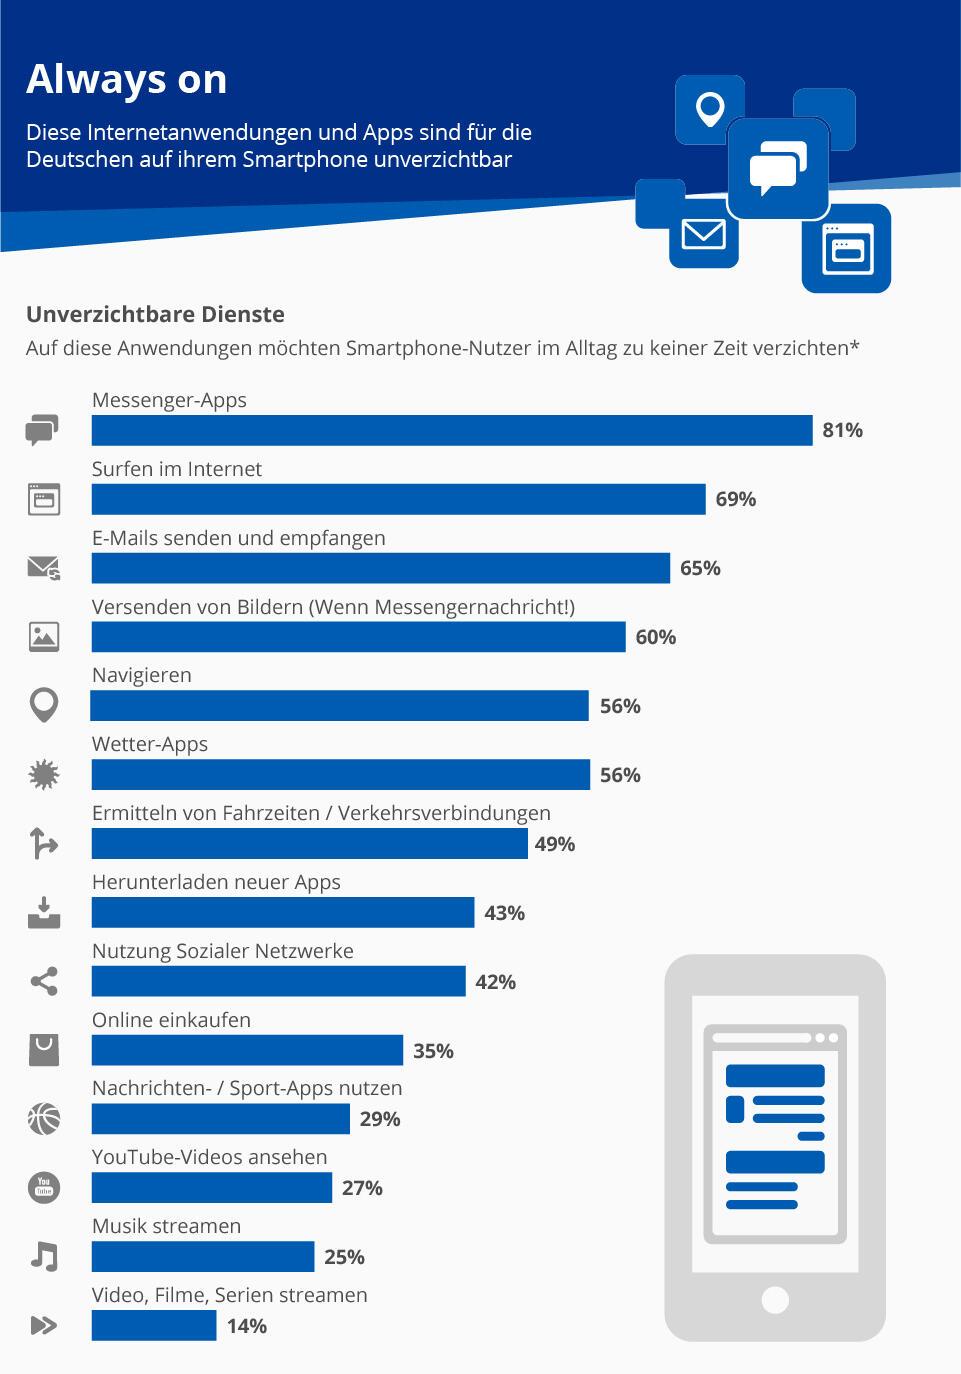 infografik_5832_unverzichtbare_internet_dienste_und_apps_n